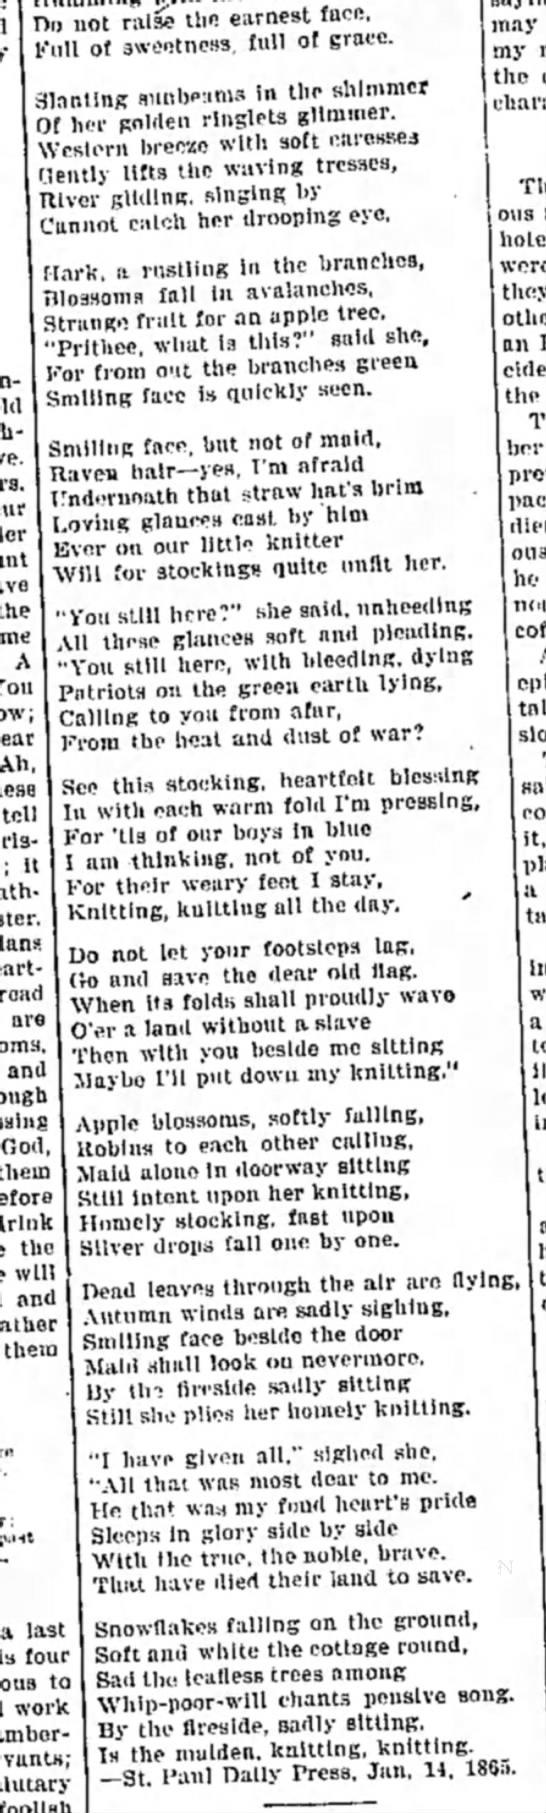 Humboldt Independent, 1896. -